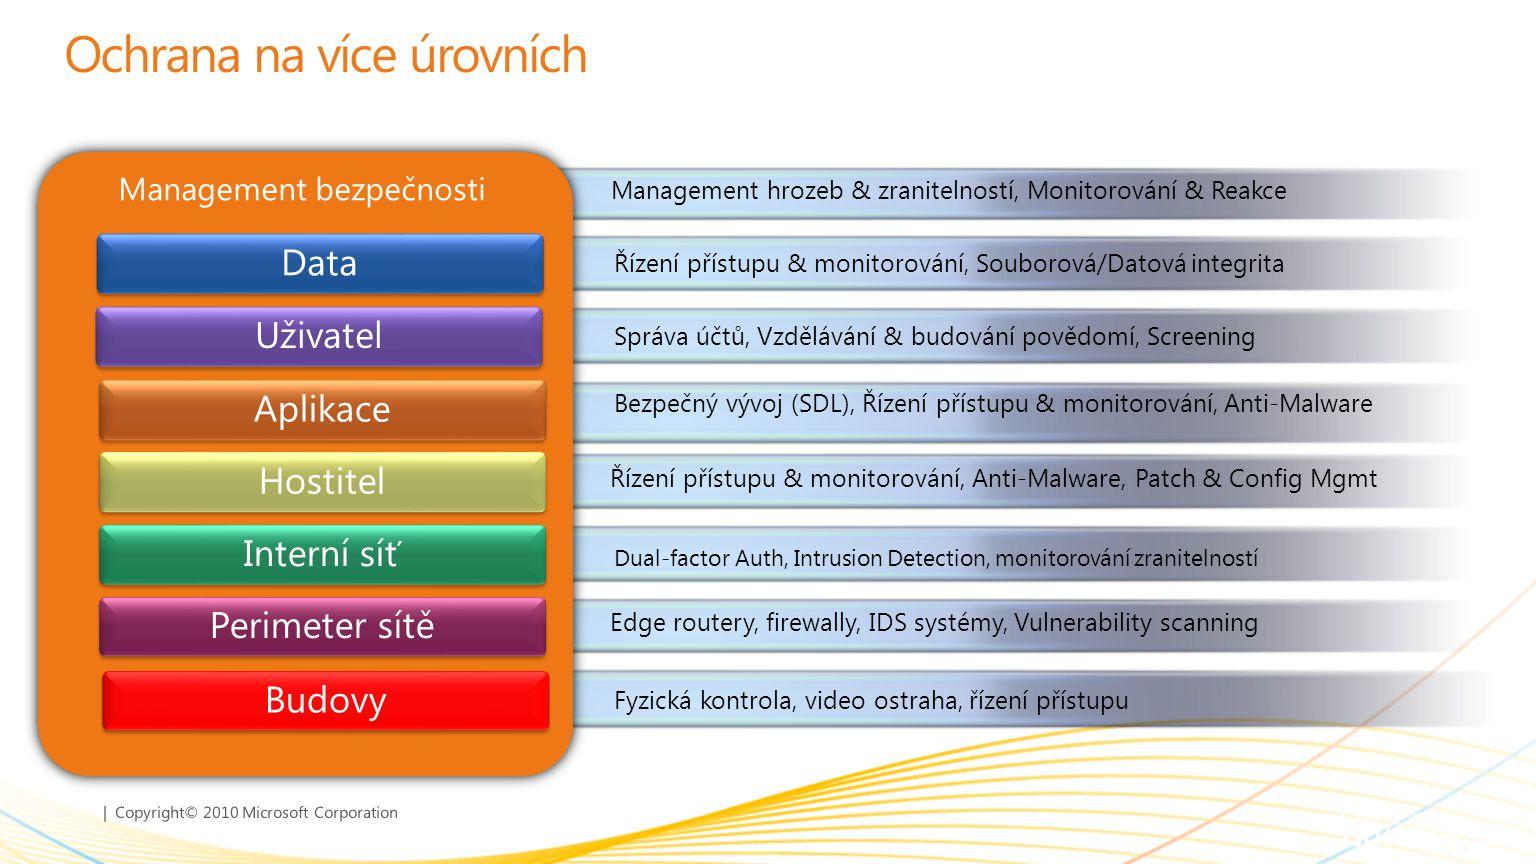 | Copyright© 2010 Microsoft Corporation Ochrana na více úrovních Management bezpečnosti Management hrozeb & zranitelností, Monitorování & Reakce Edge routery, firewally, IDS systémy, Vulnerability scanning Perimeter sítě Dual-factor Auth, Intrusion Detection, monitorování zranitelností Interní síť Řízení přístupu & monitorování, Anti-Malware, Patch & Config Mgmt Hostitel Bezpečný vývoj (SDL), Řízení přístupu & monitorování, Anti-Malware Aplikace Řízení přístupu & monitorování, Souborová/Datová integrita Data Uživatel Správa účtů, Vzdělávání & budování povědomí, Screening Budovy Fyzická kontrola, video ostraha, řízení přístupu